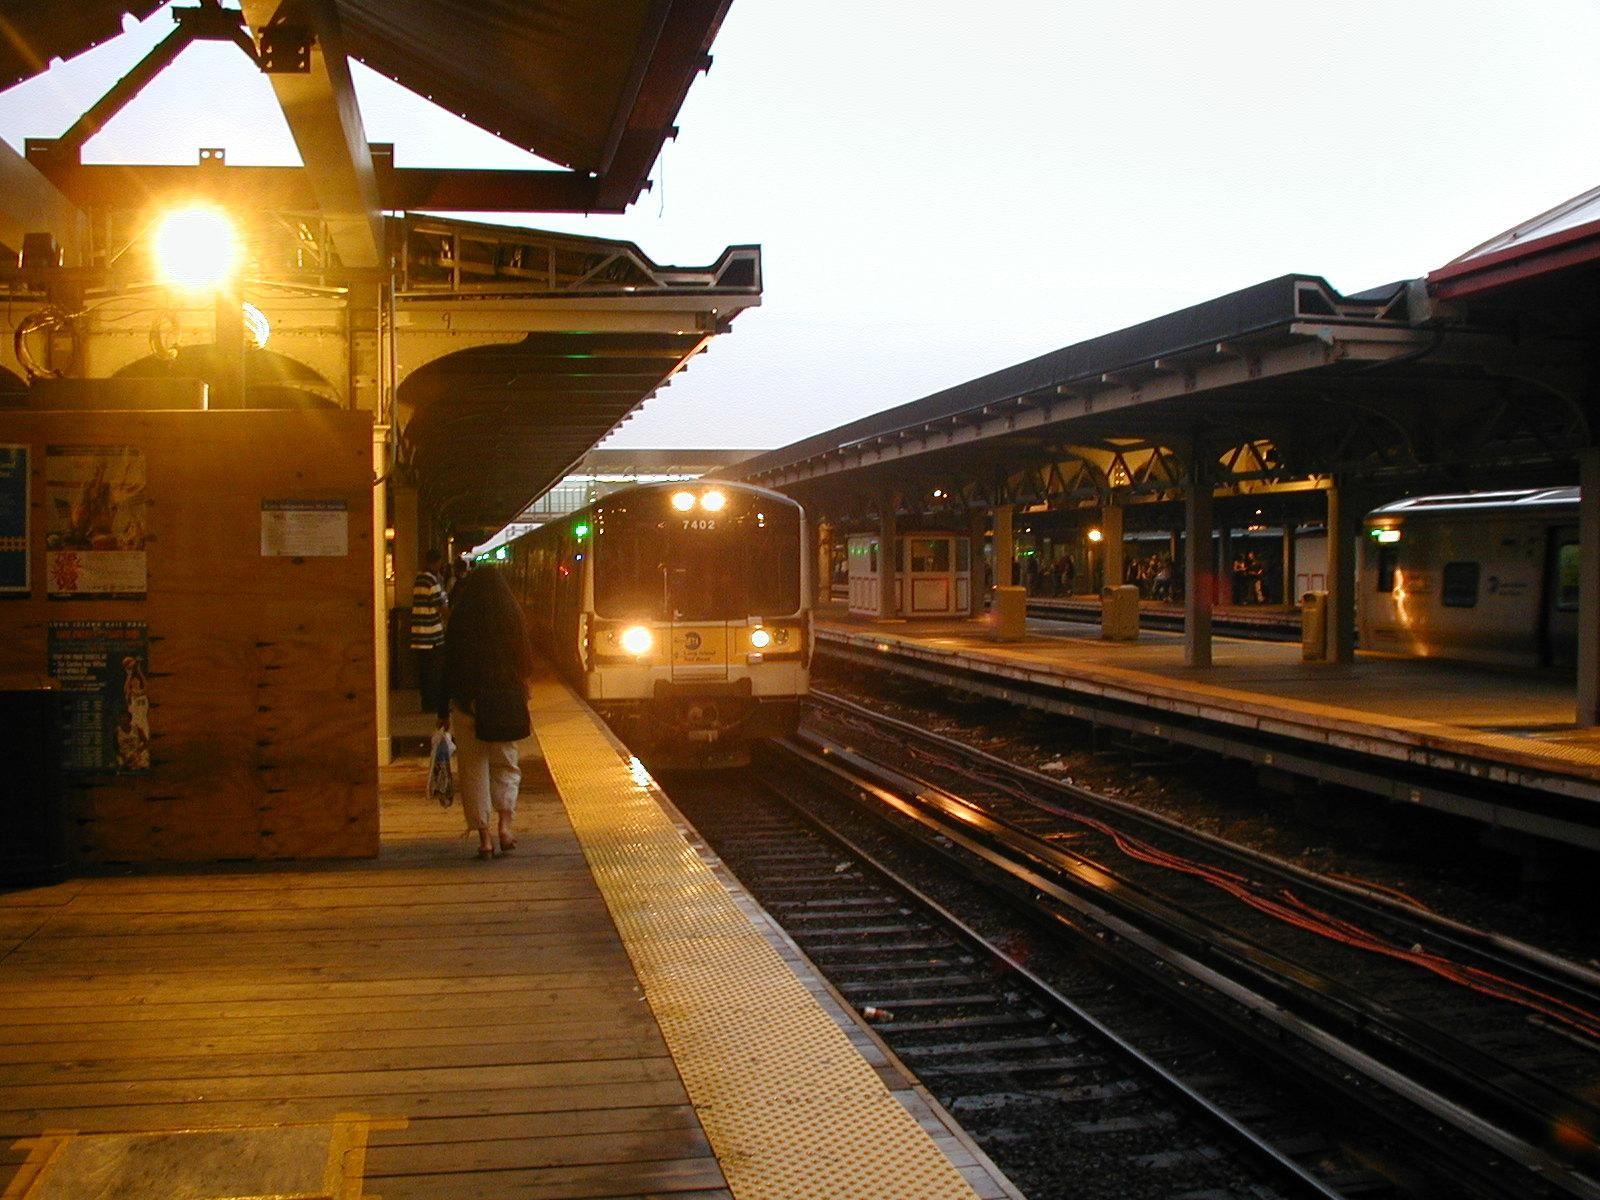 поезд на станции картинки вам приснилось